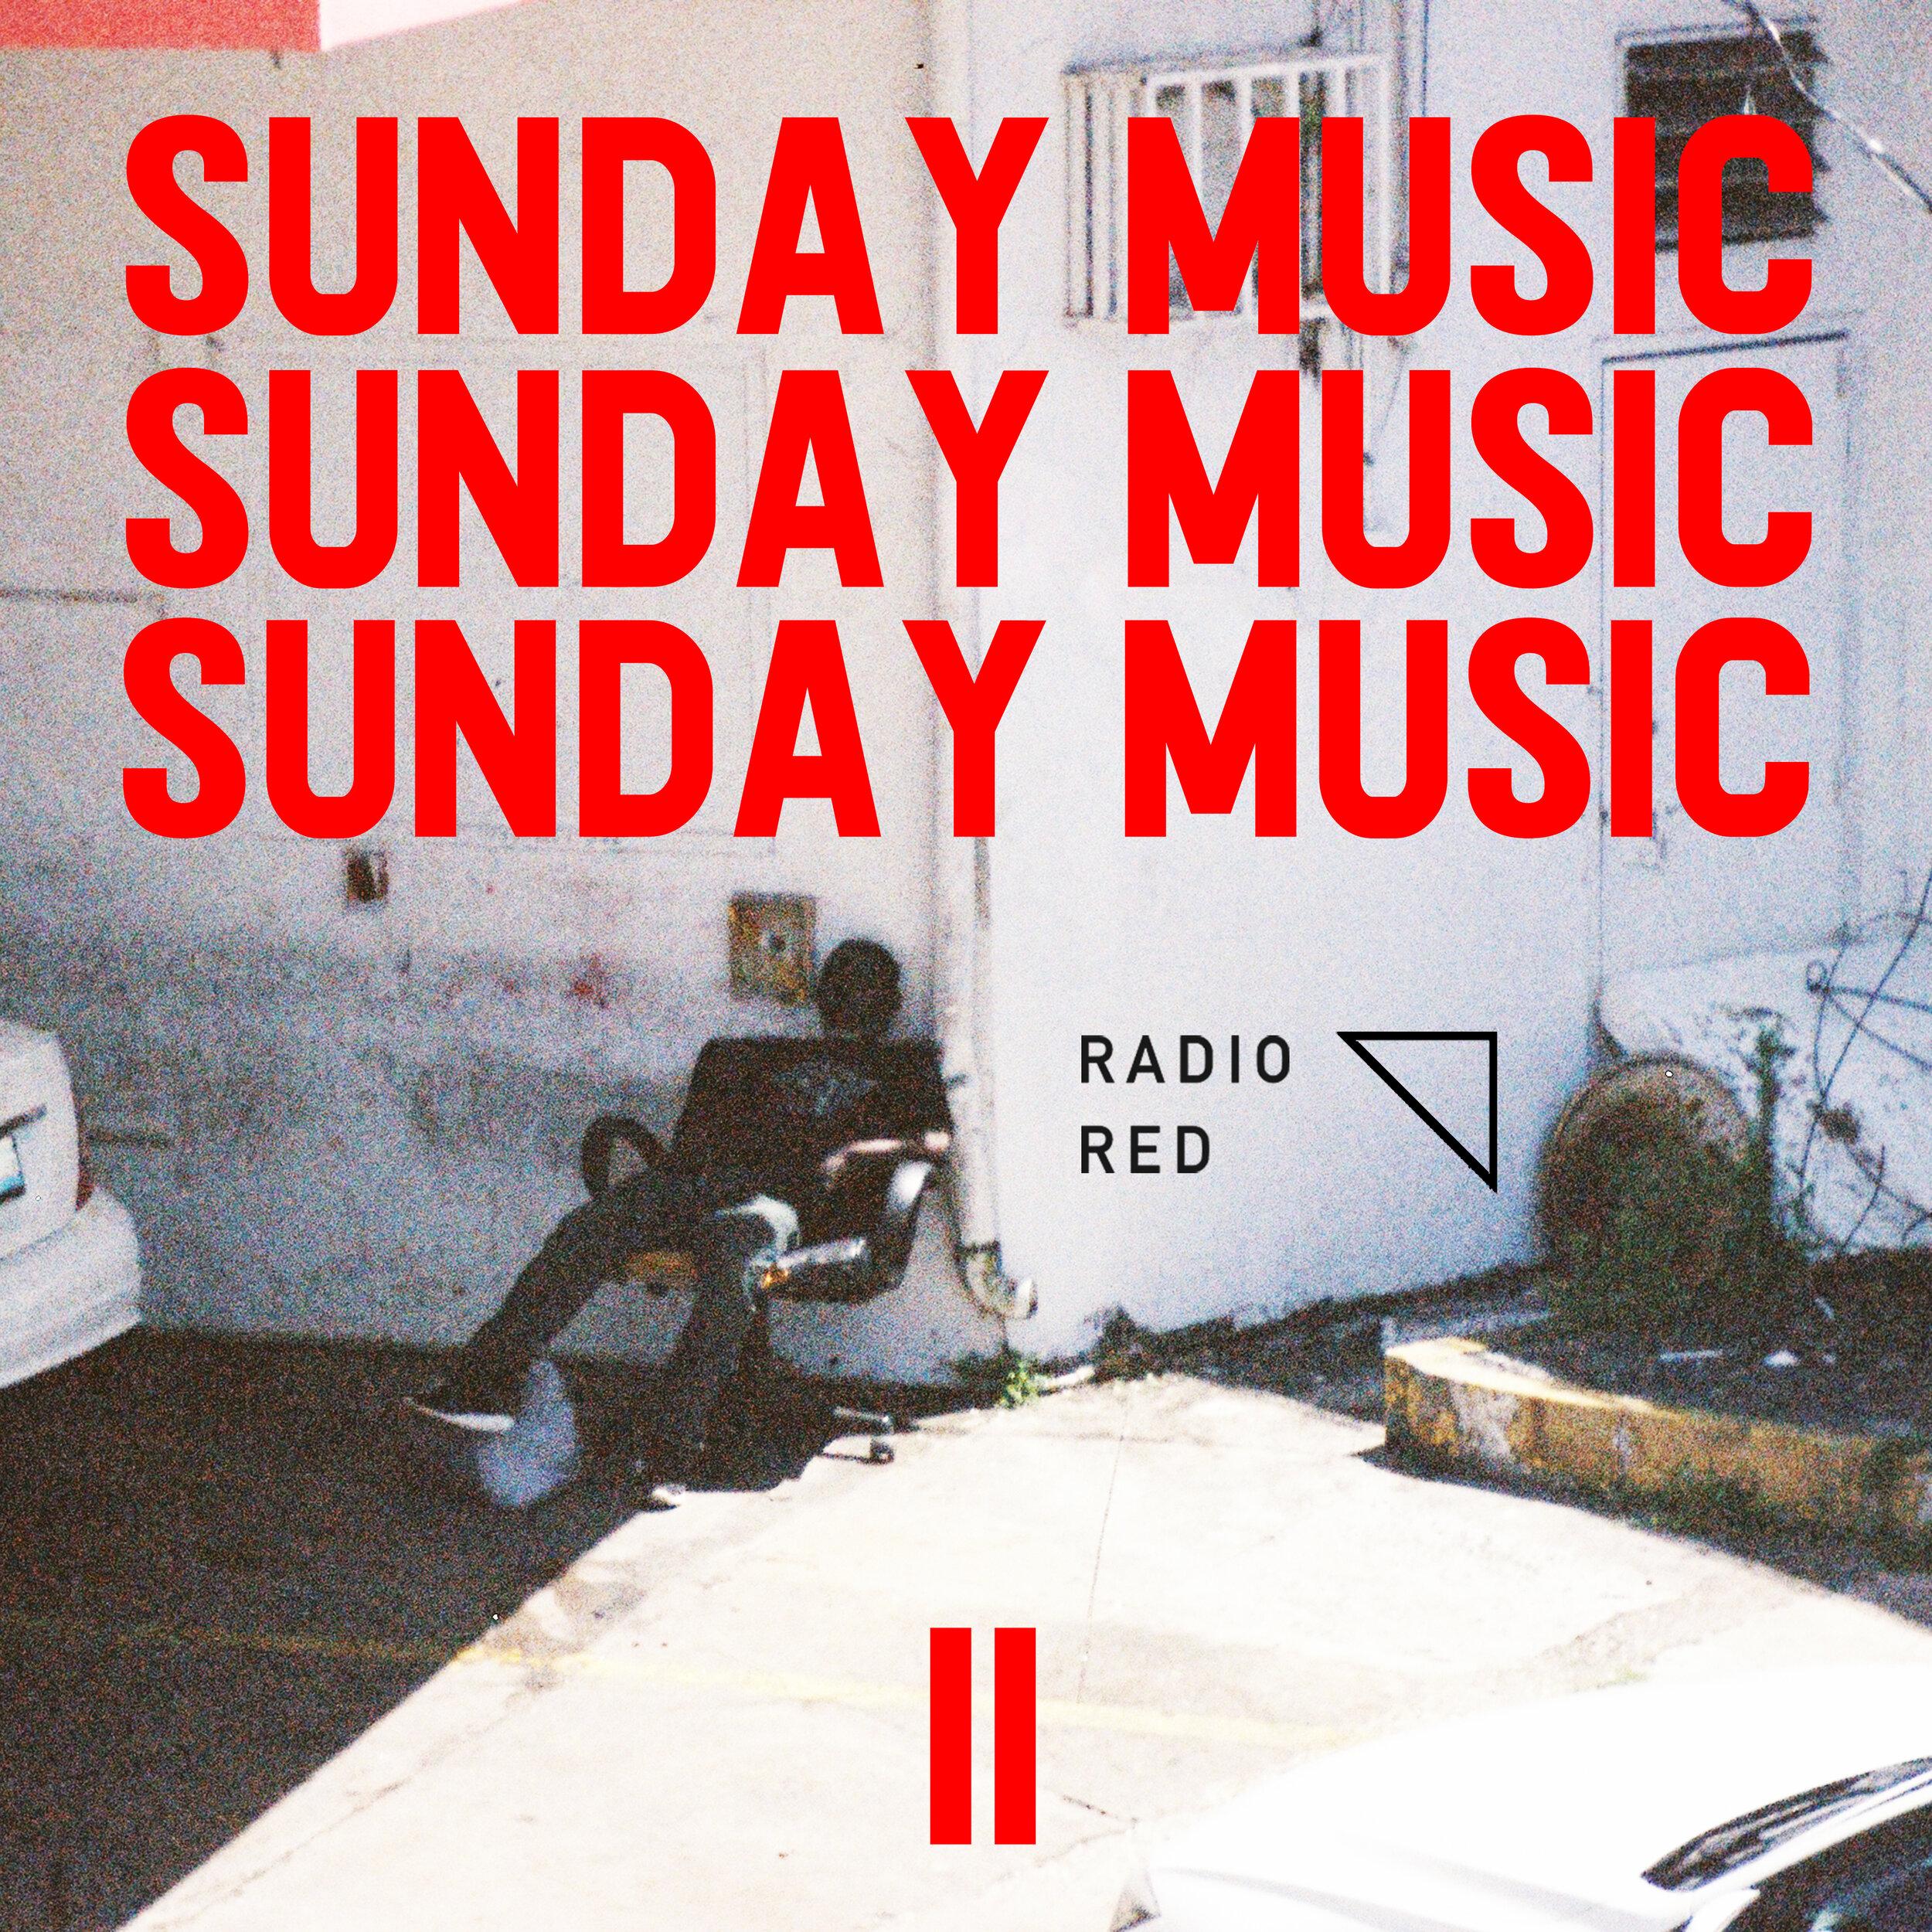 SUNDAY MUSIC 2 cover.jpg